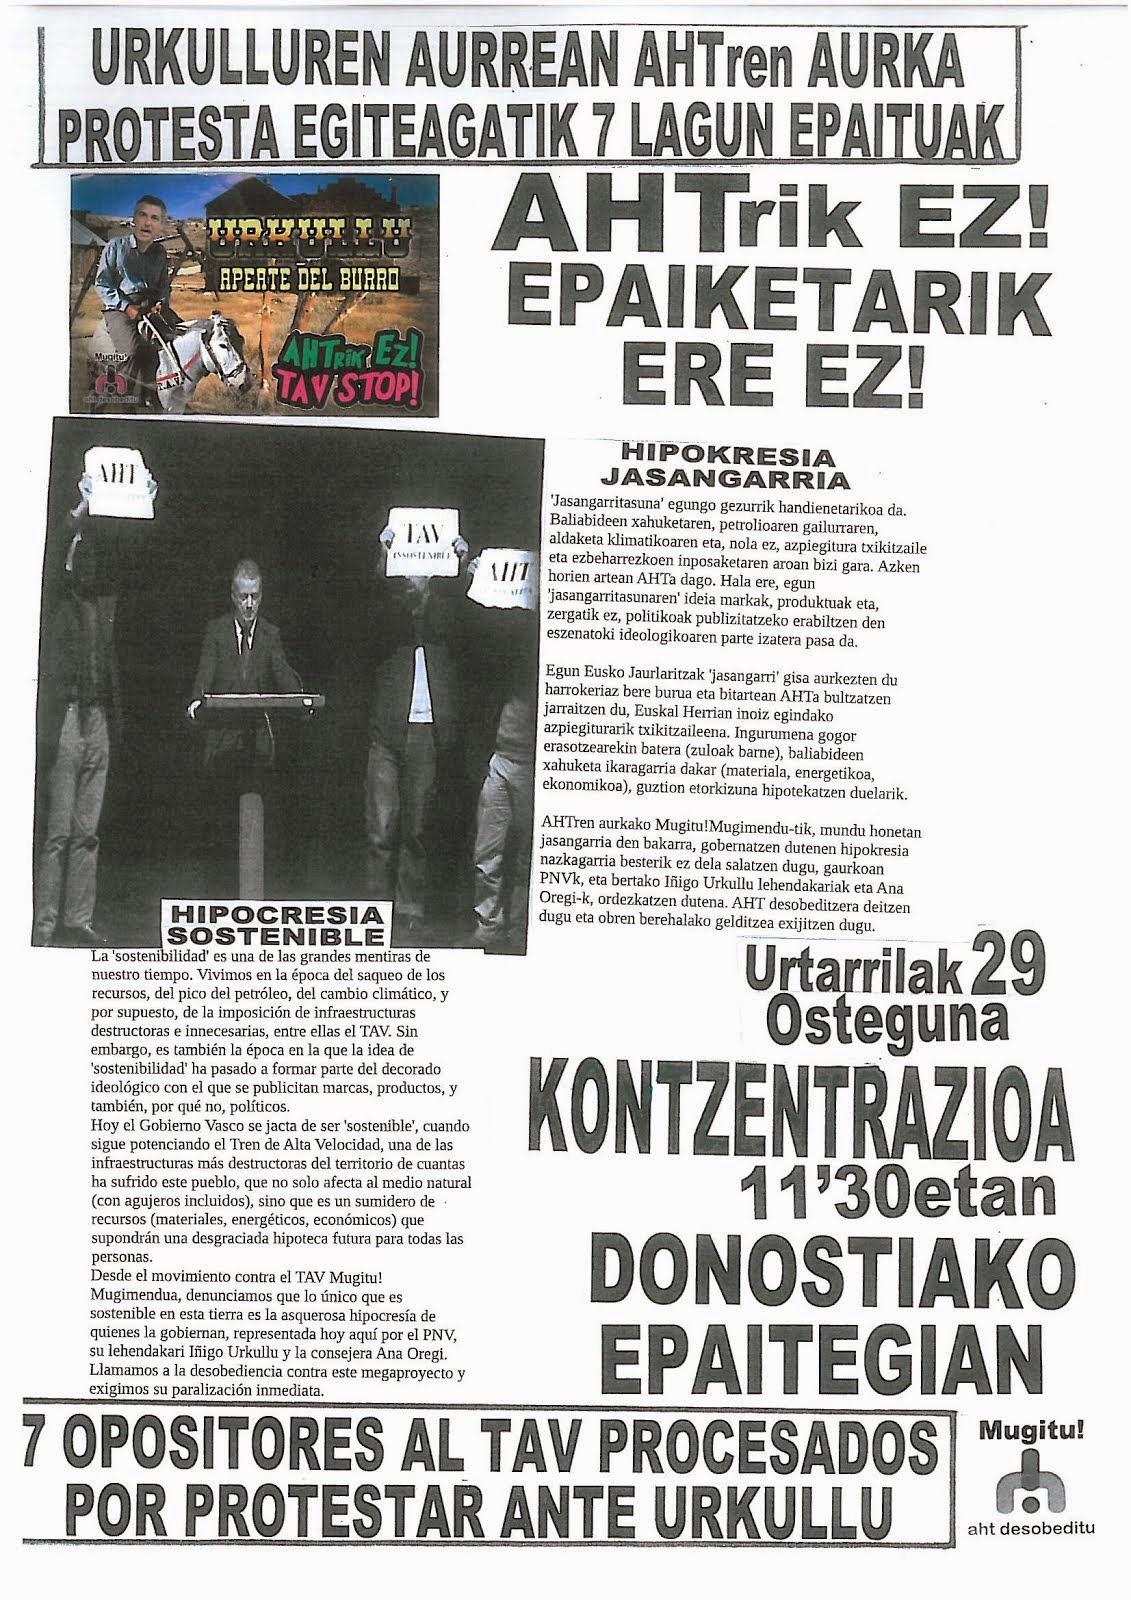 Imputados por protestar el TAV ante Urkullu